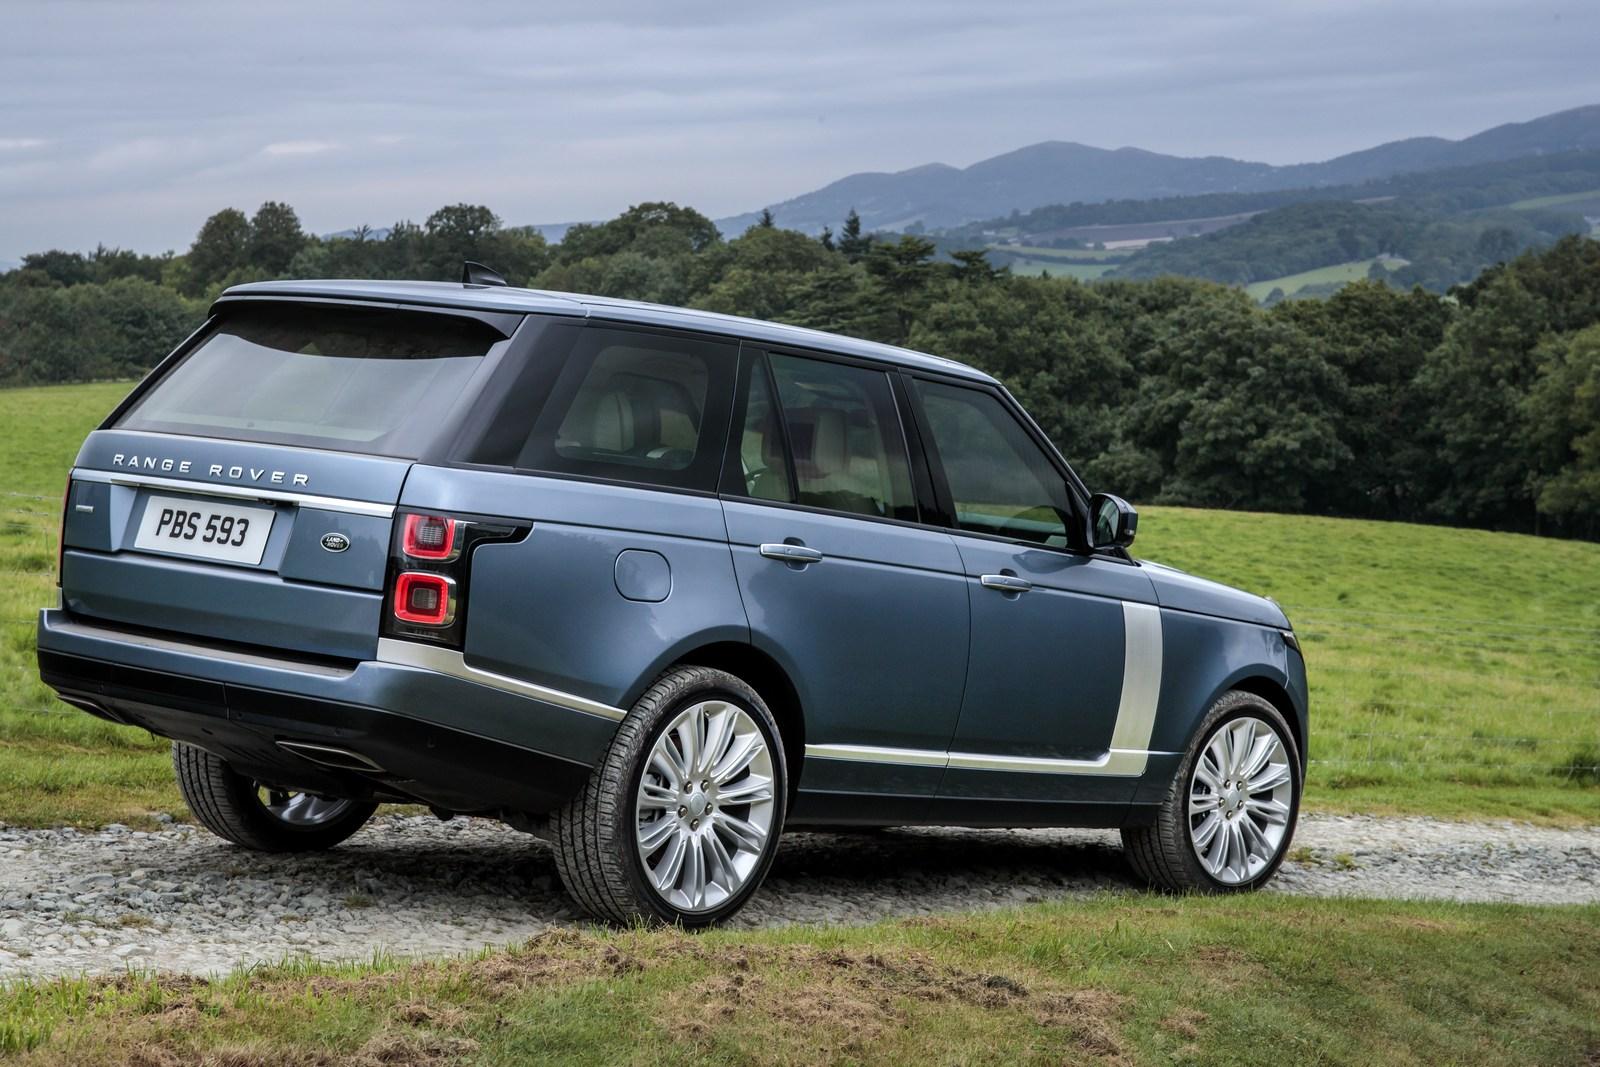 Range Rover Facelift 2018 (3)